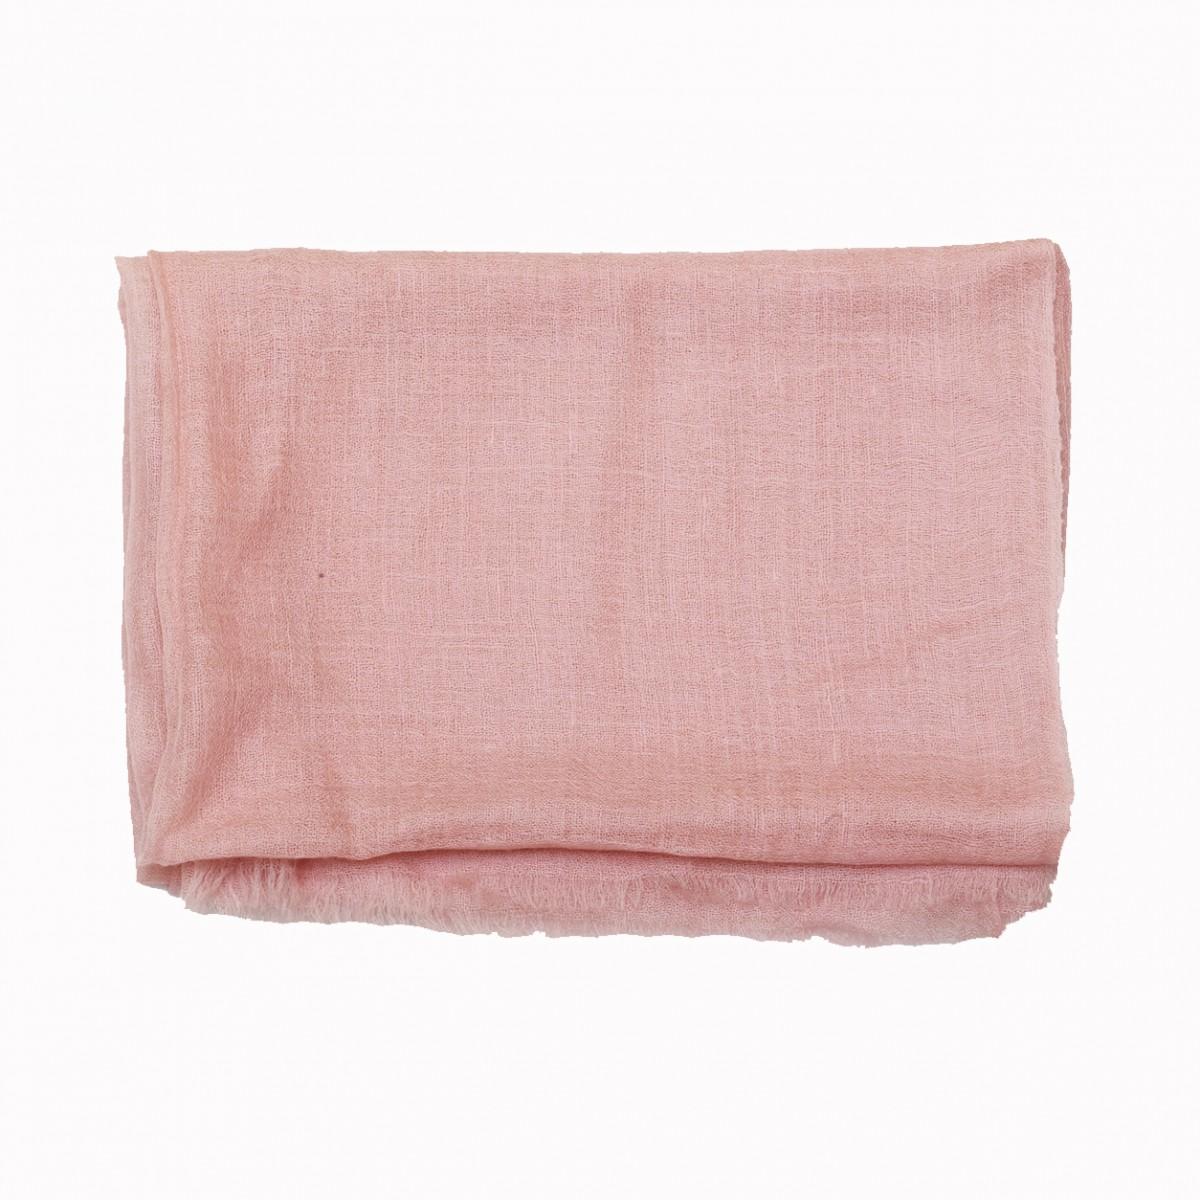 Sheer Pashmina Scarf - Dusty Pink